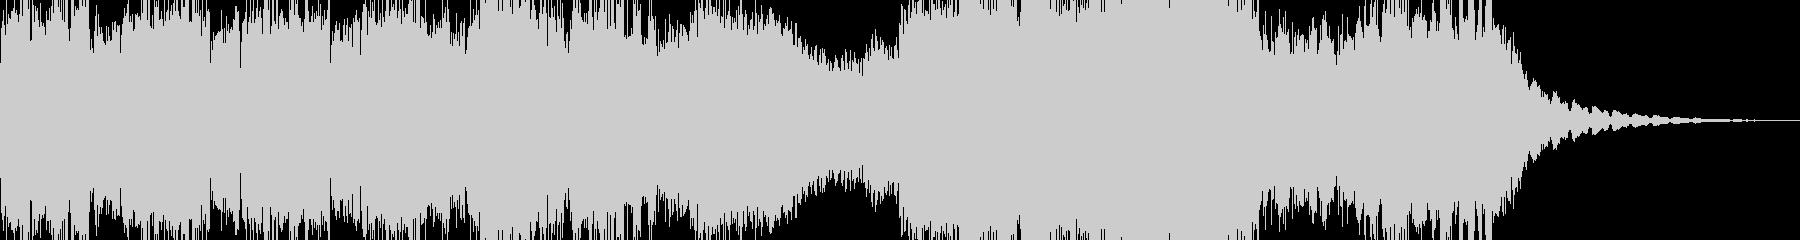 機械的をイメージしたノイズ中心の楽曲の未再生の波形